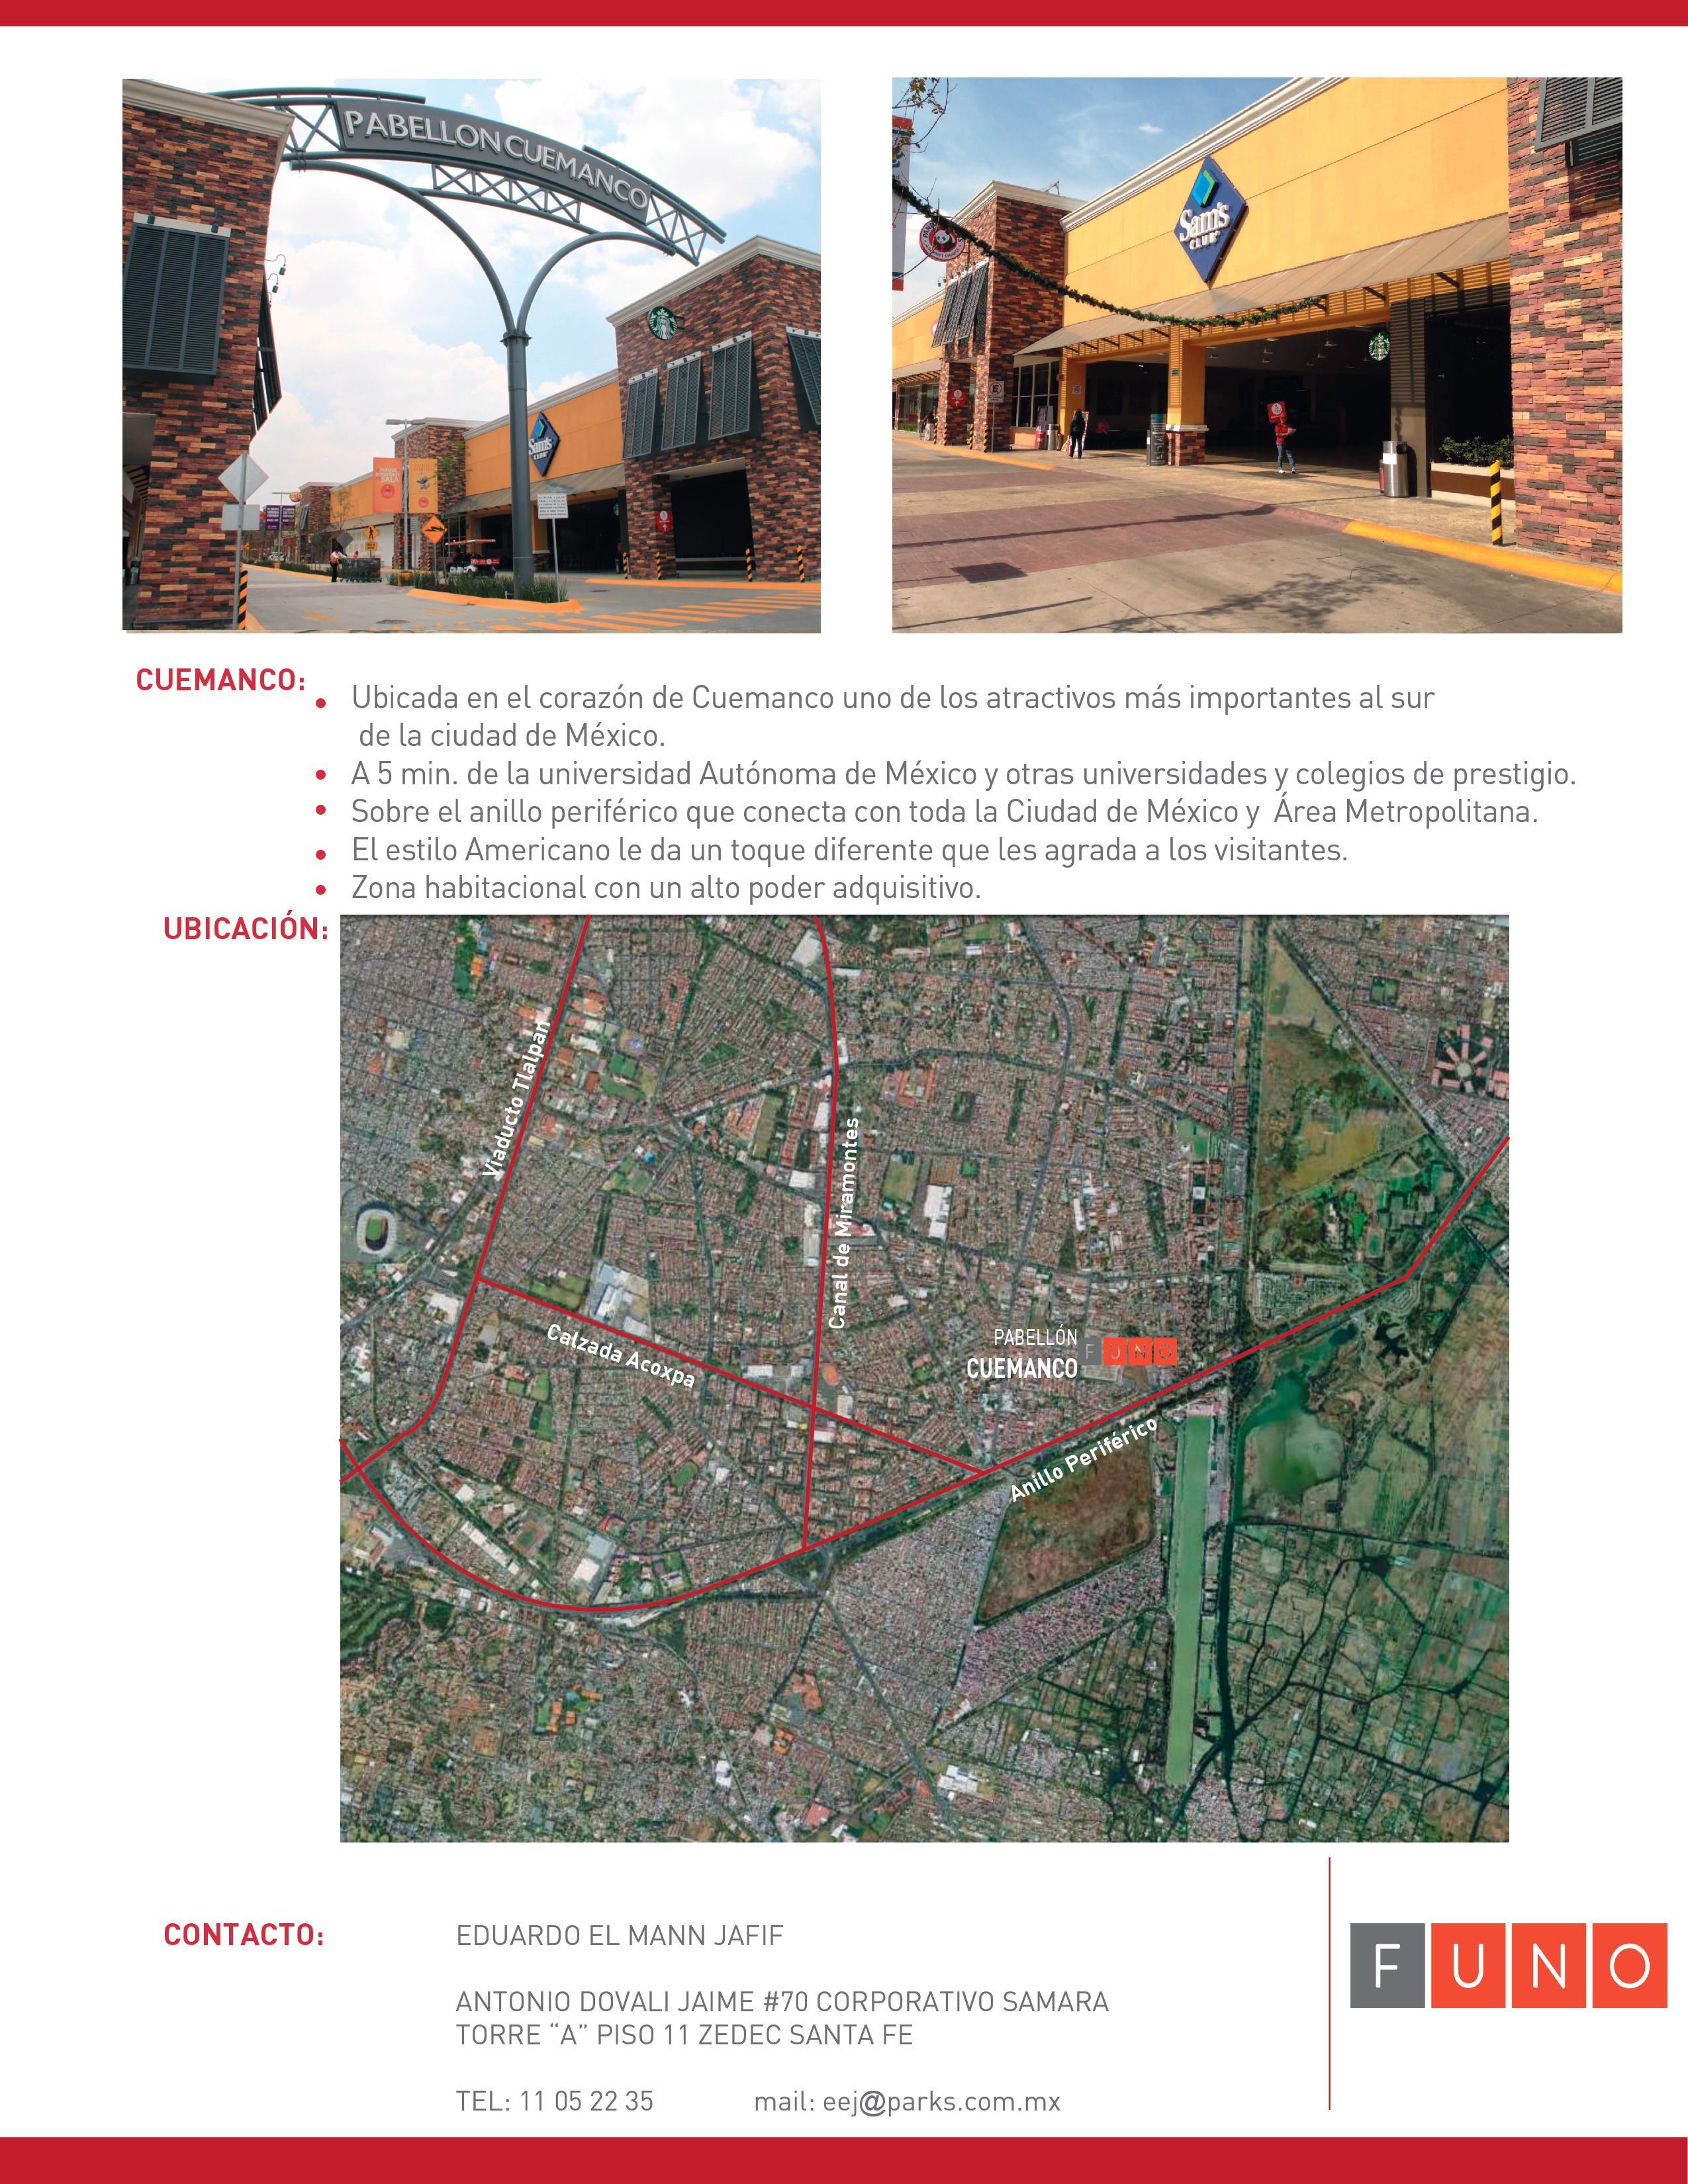 Co-Brochure Pabellón Cuemanco (2)